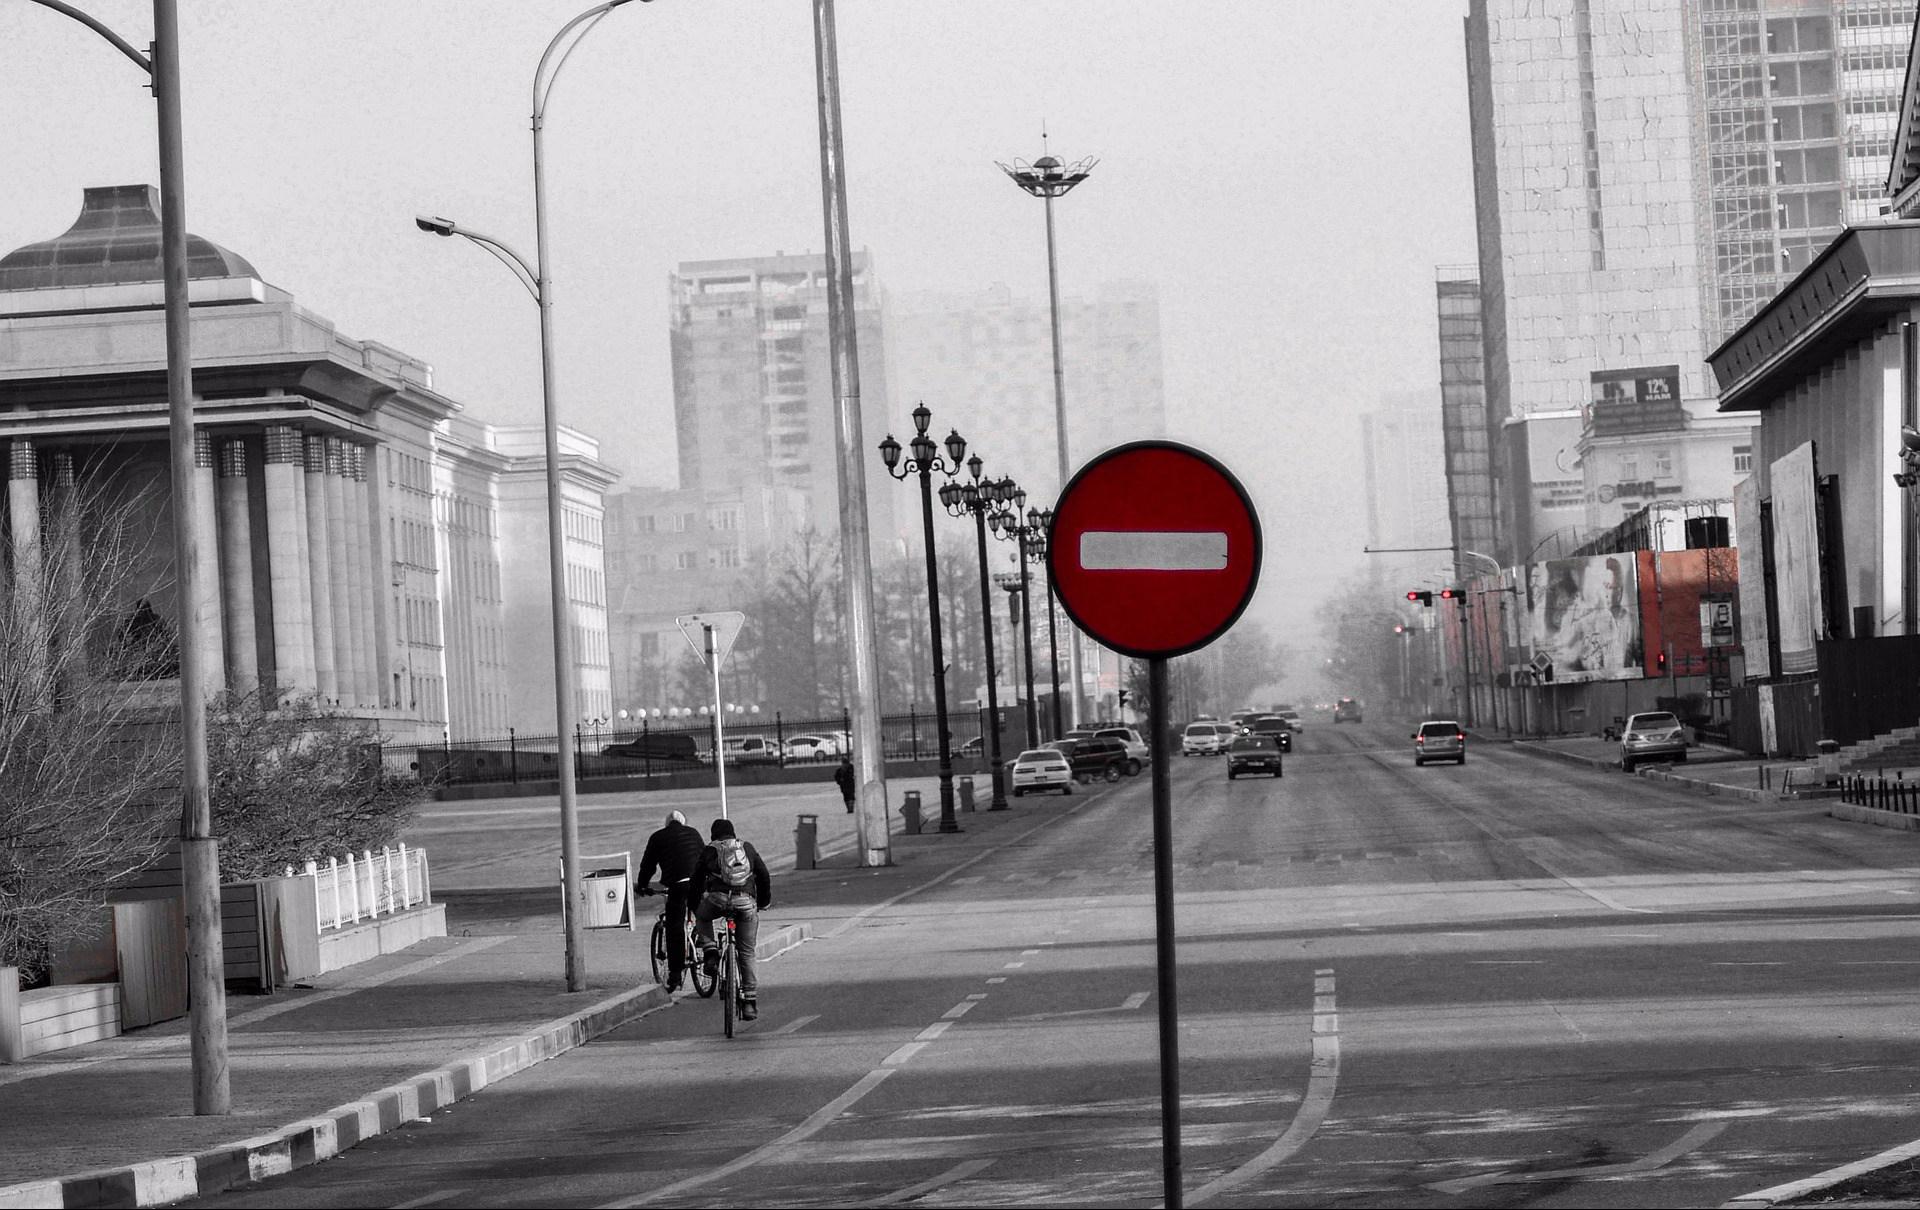 La contaminación del aire perjudica seriamente a la salud